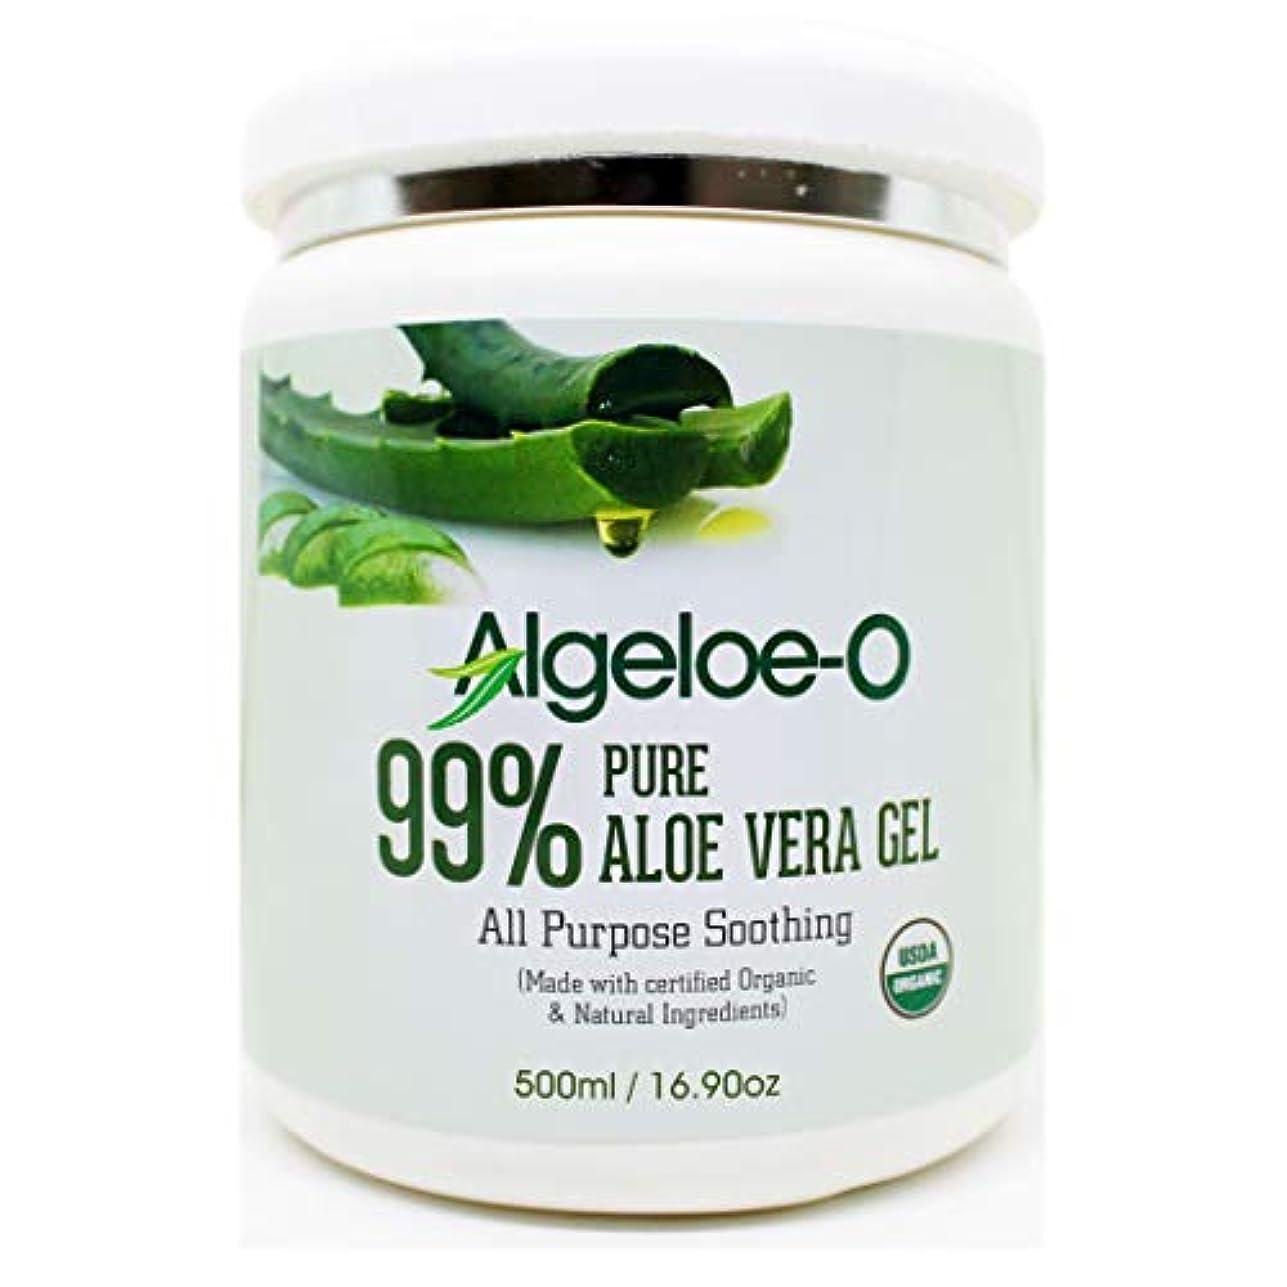 偽善全滅させる入力Algeloe-O  Organic Aloe Vera Gel 99% Pure Natural made with USDA Certified Aloe Vera Powder Paraben, sulfate free...